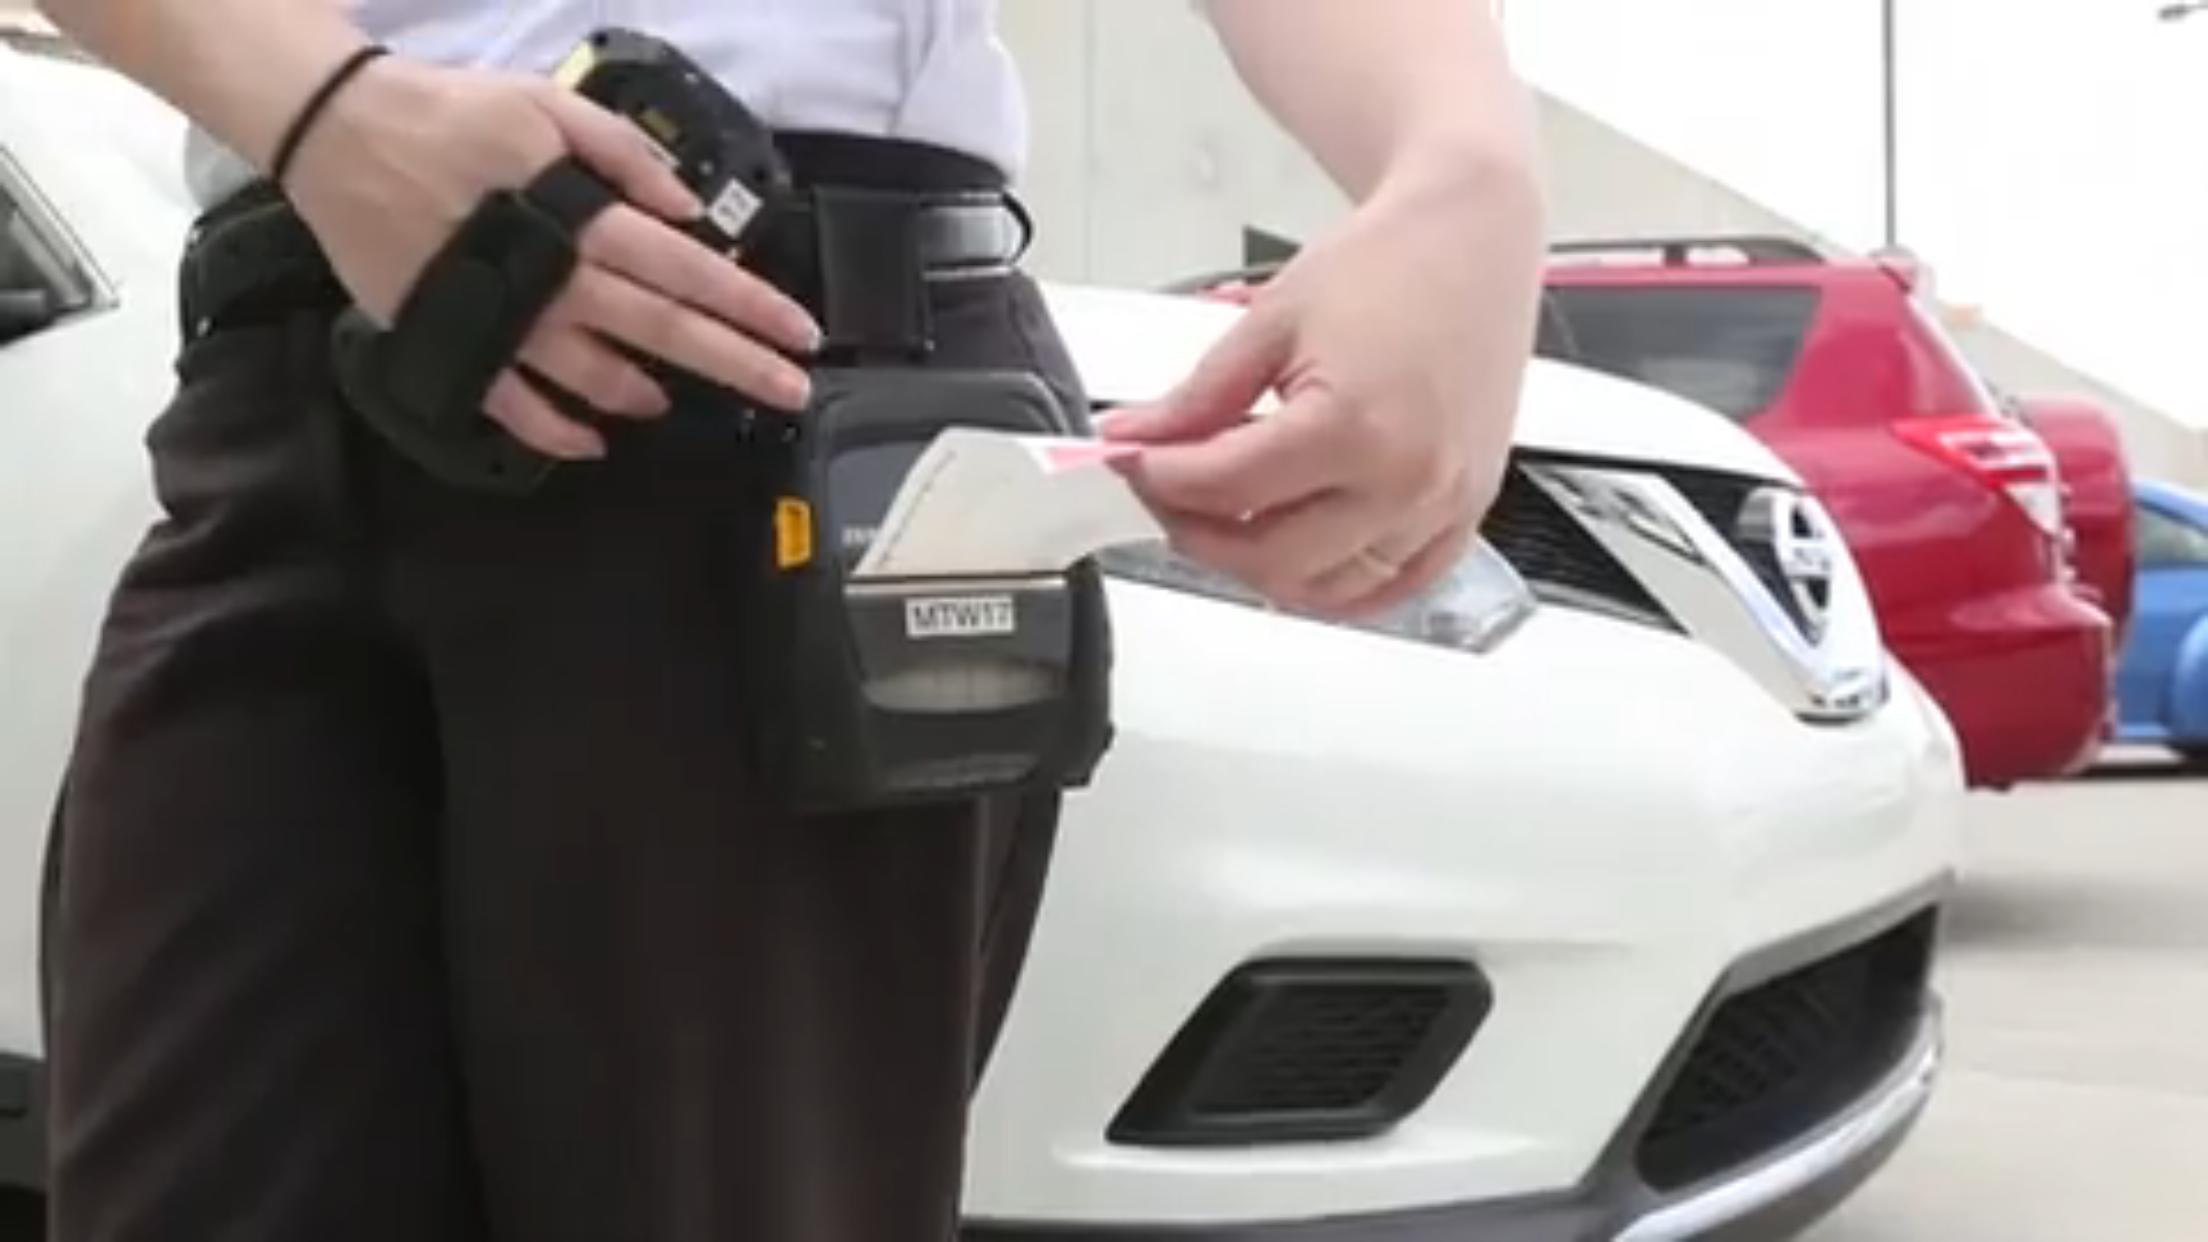 中佛大停車及交通服務部的員工,開罰單取締違規停車。(截自視頻)